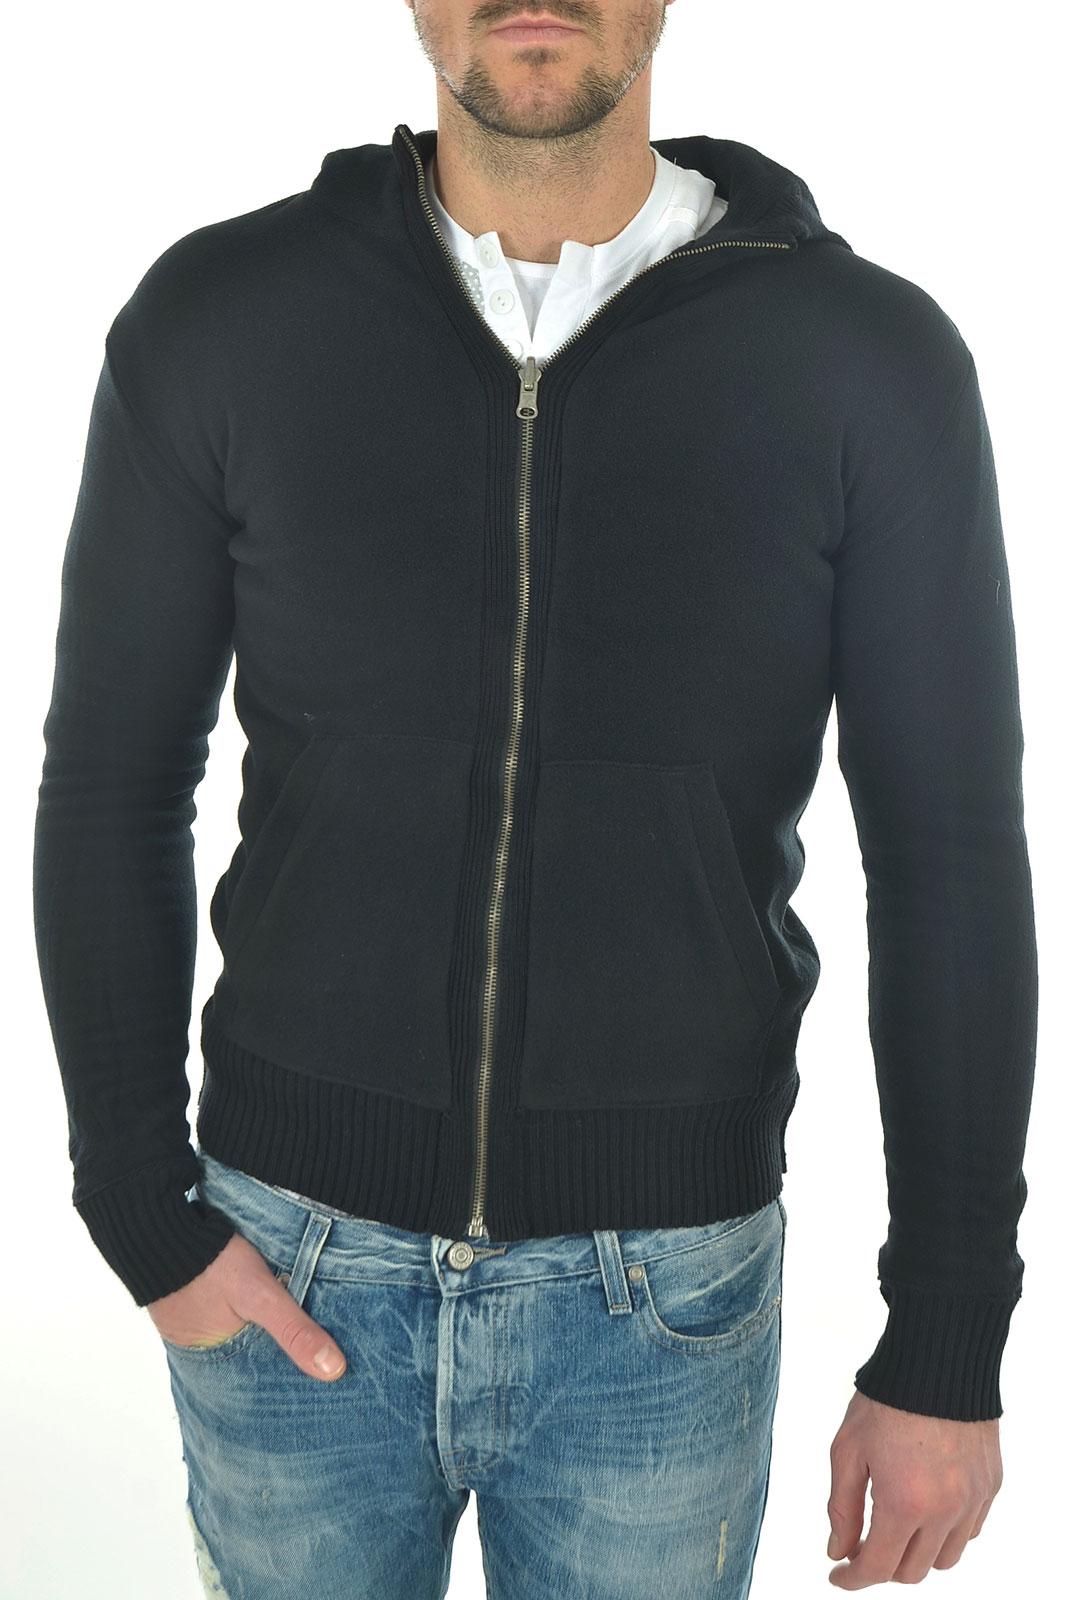 Veste / Blouson Biaggio Jeans Homme S,l,xl